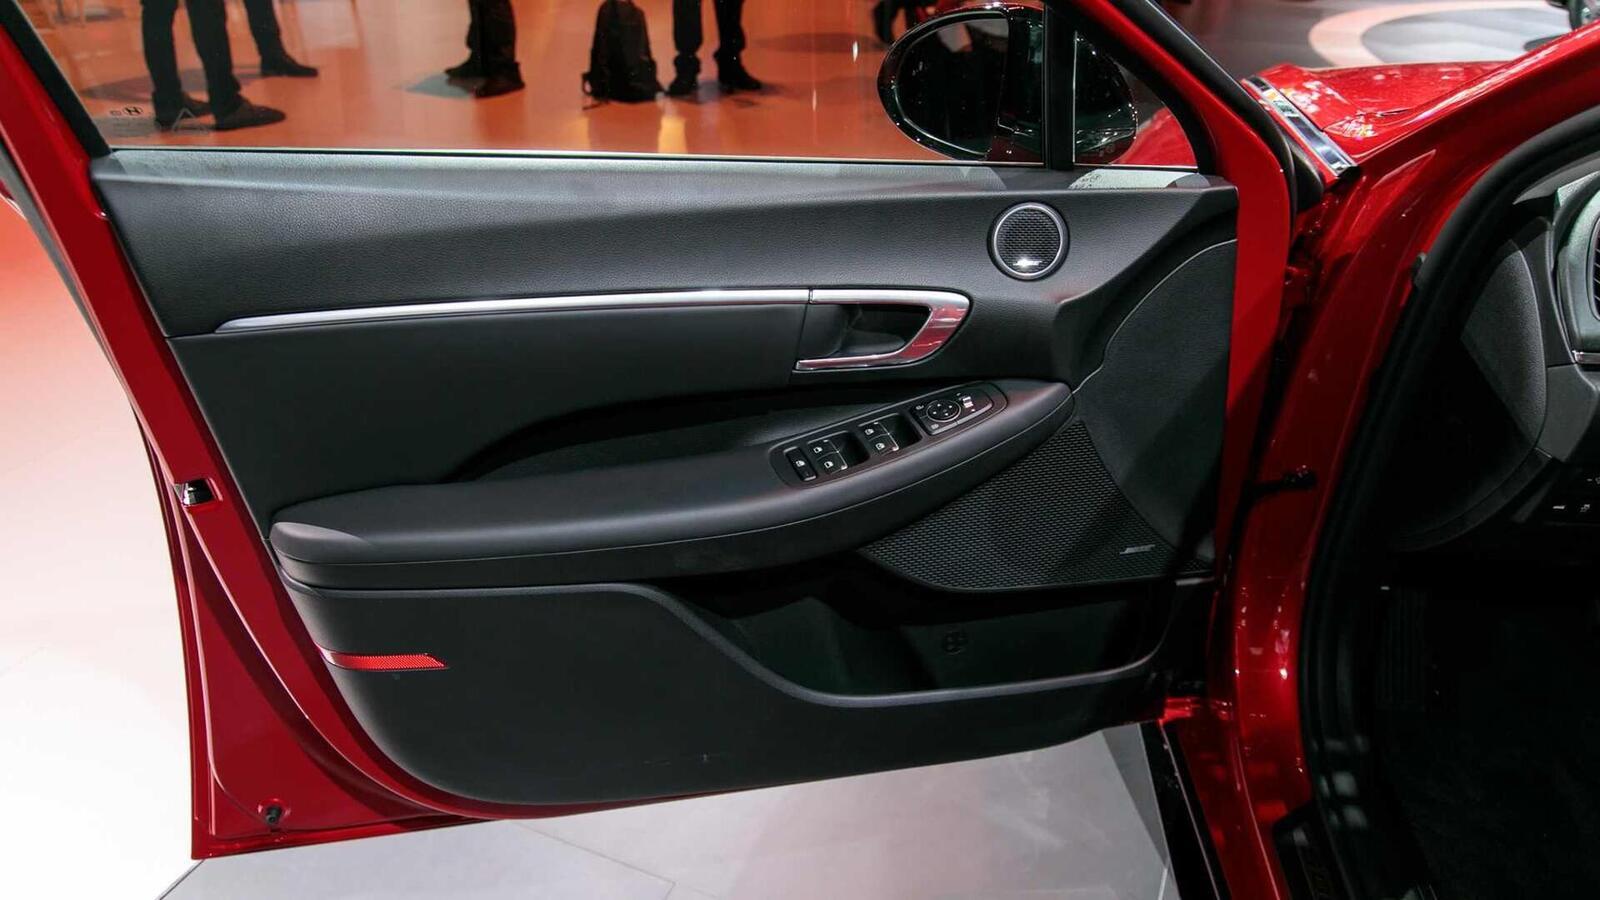 Hyundai đã ra mắt Sonata thế hệ thứ 8 tại Mỹ: Động cơ 1.6L tăng áp và 2.5L - Hình 11